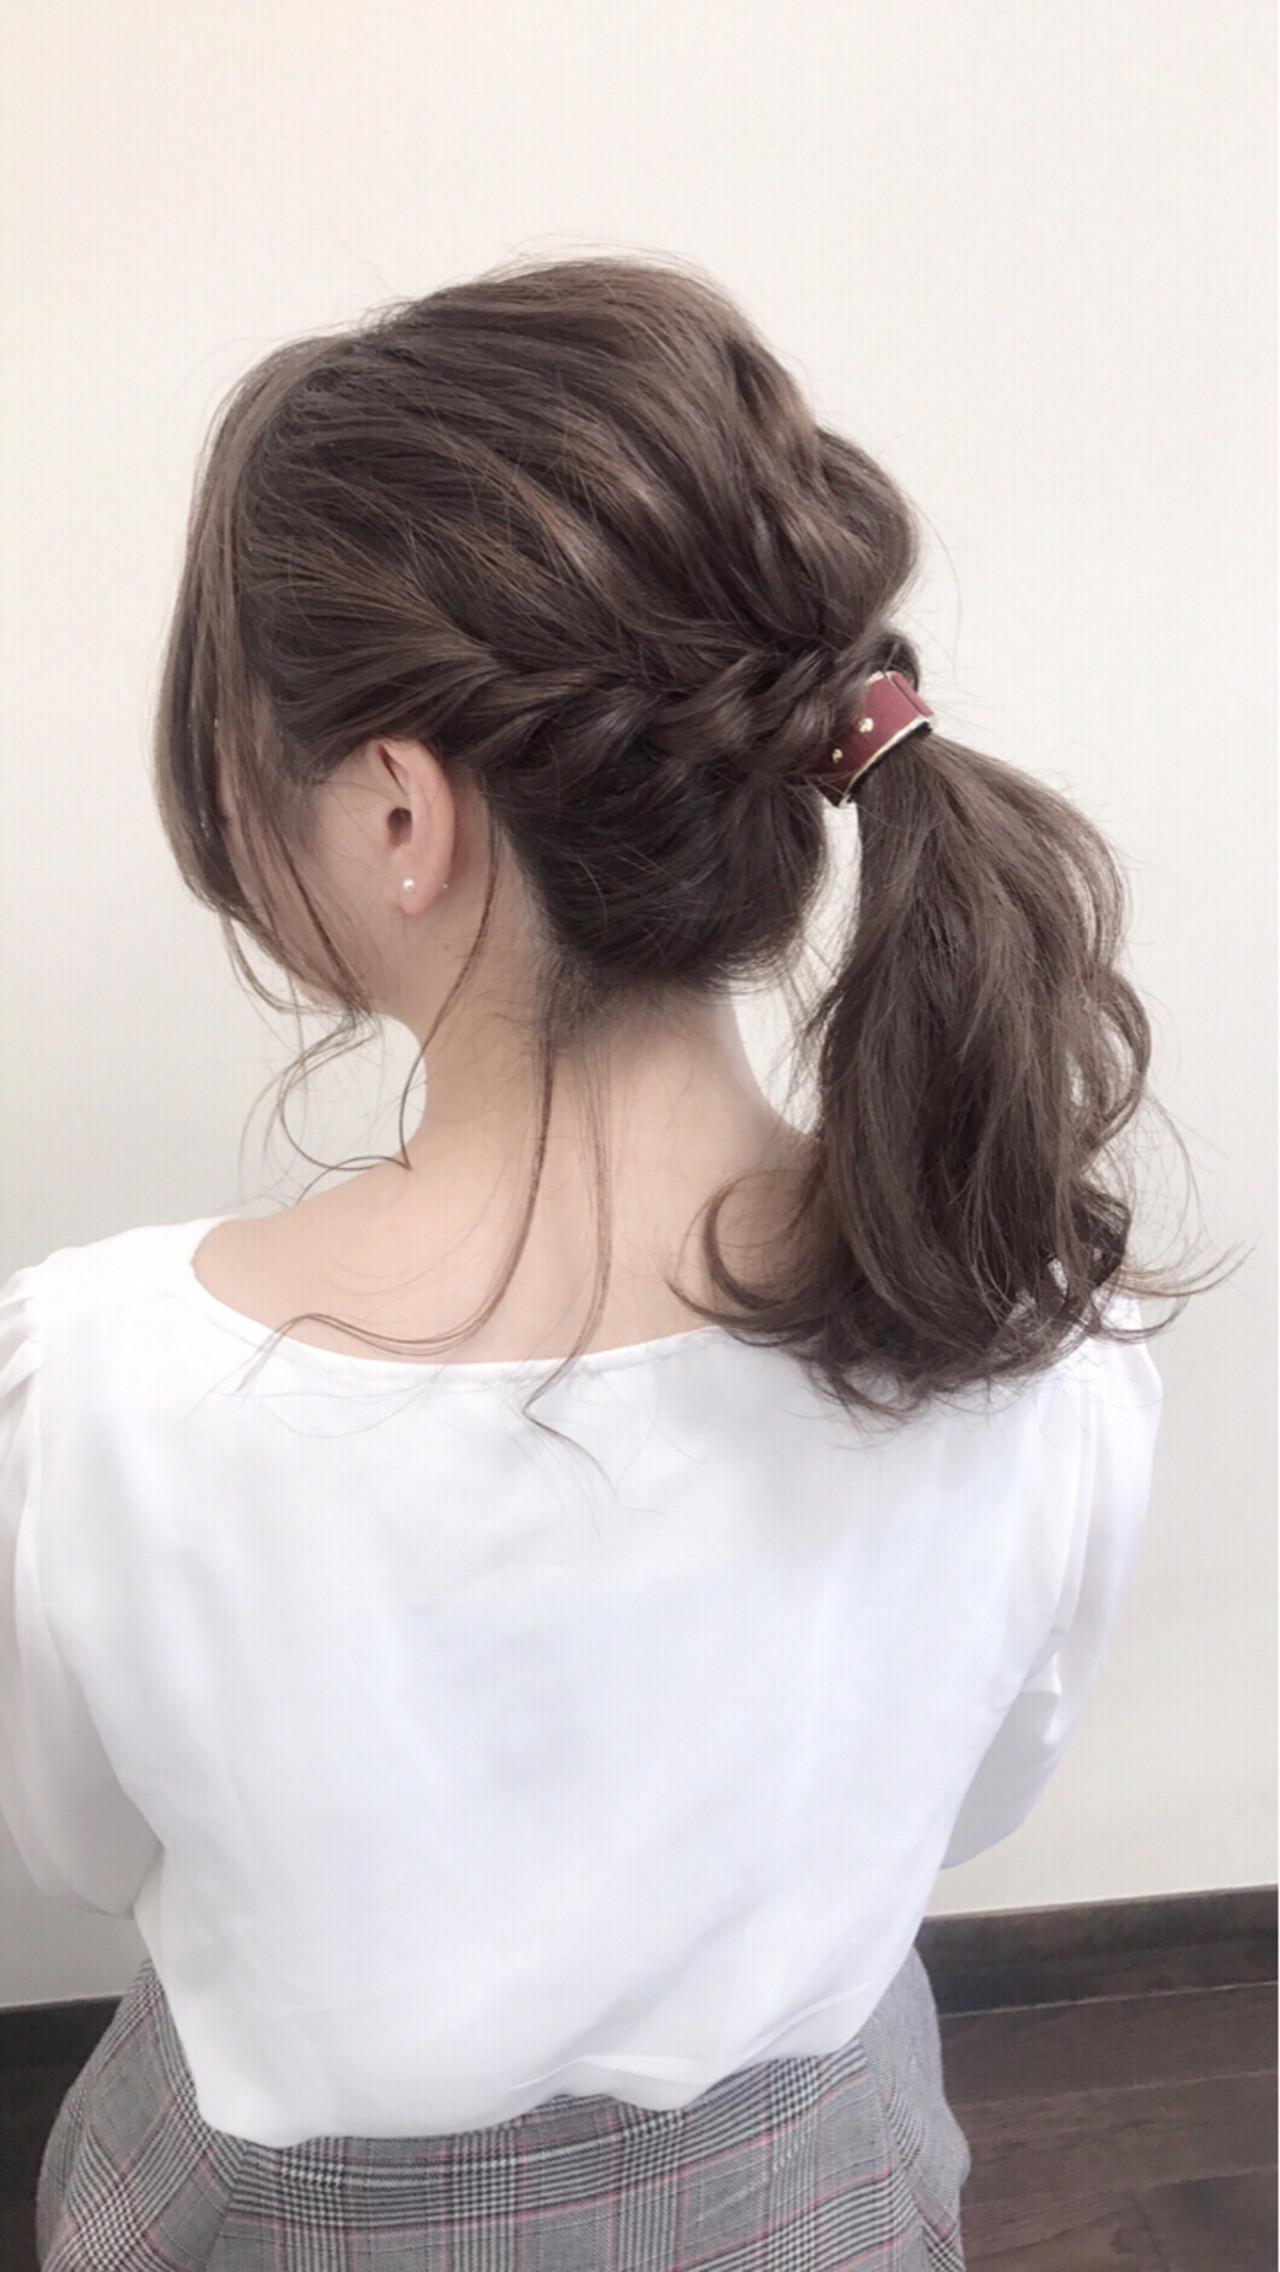 超簡単で即かわいい!ツイスト編みアレンジ 沢田 瞳